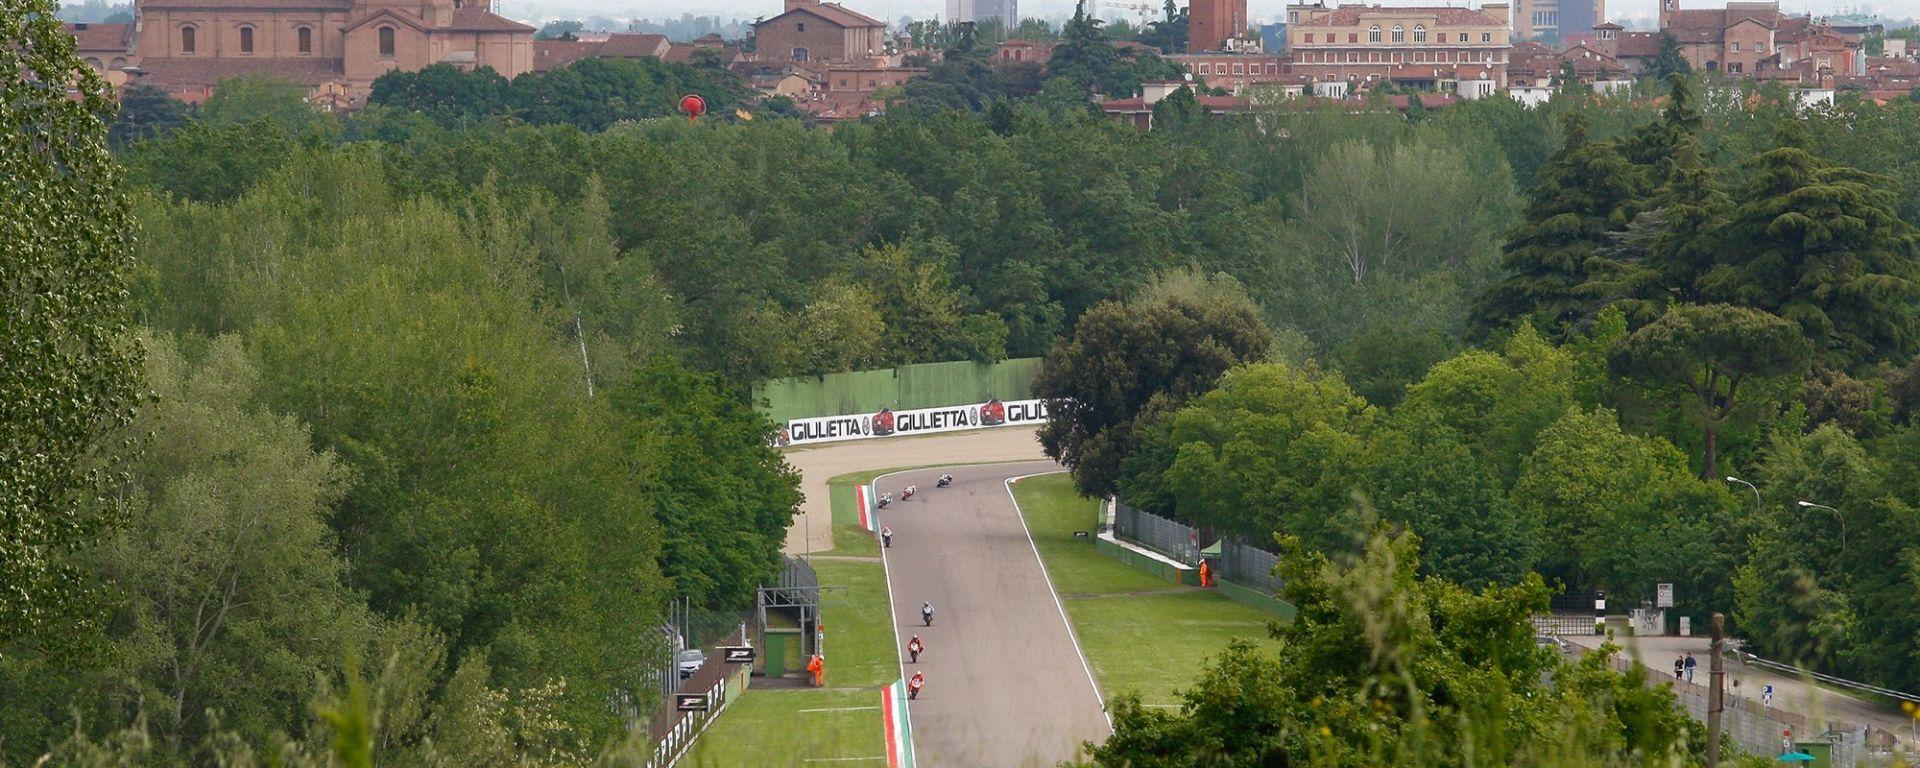 Superbike 2017 round 5 Gran Premio d'Italia Imola: prove libere, qualifiche, Gara 1 e Gara 2